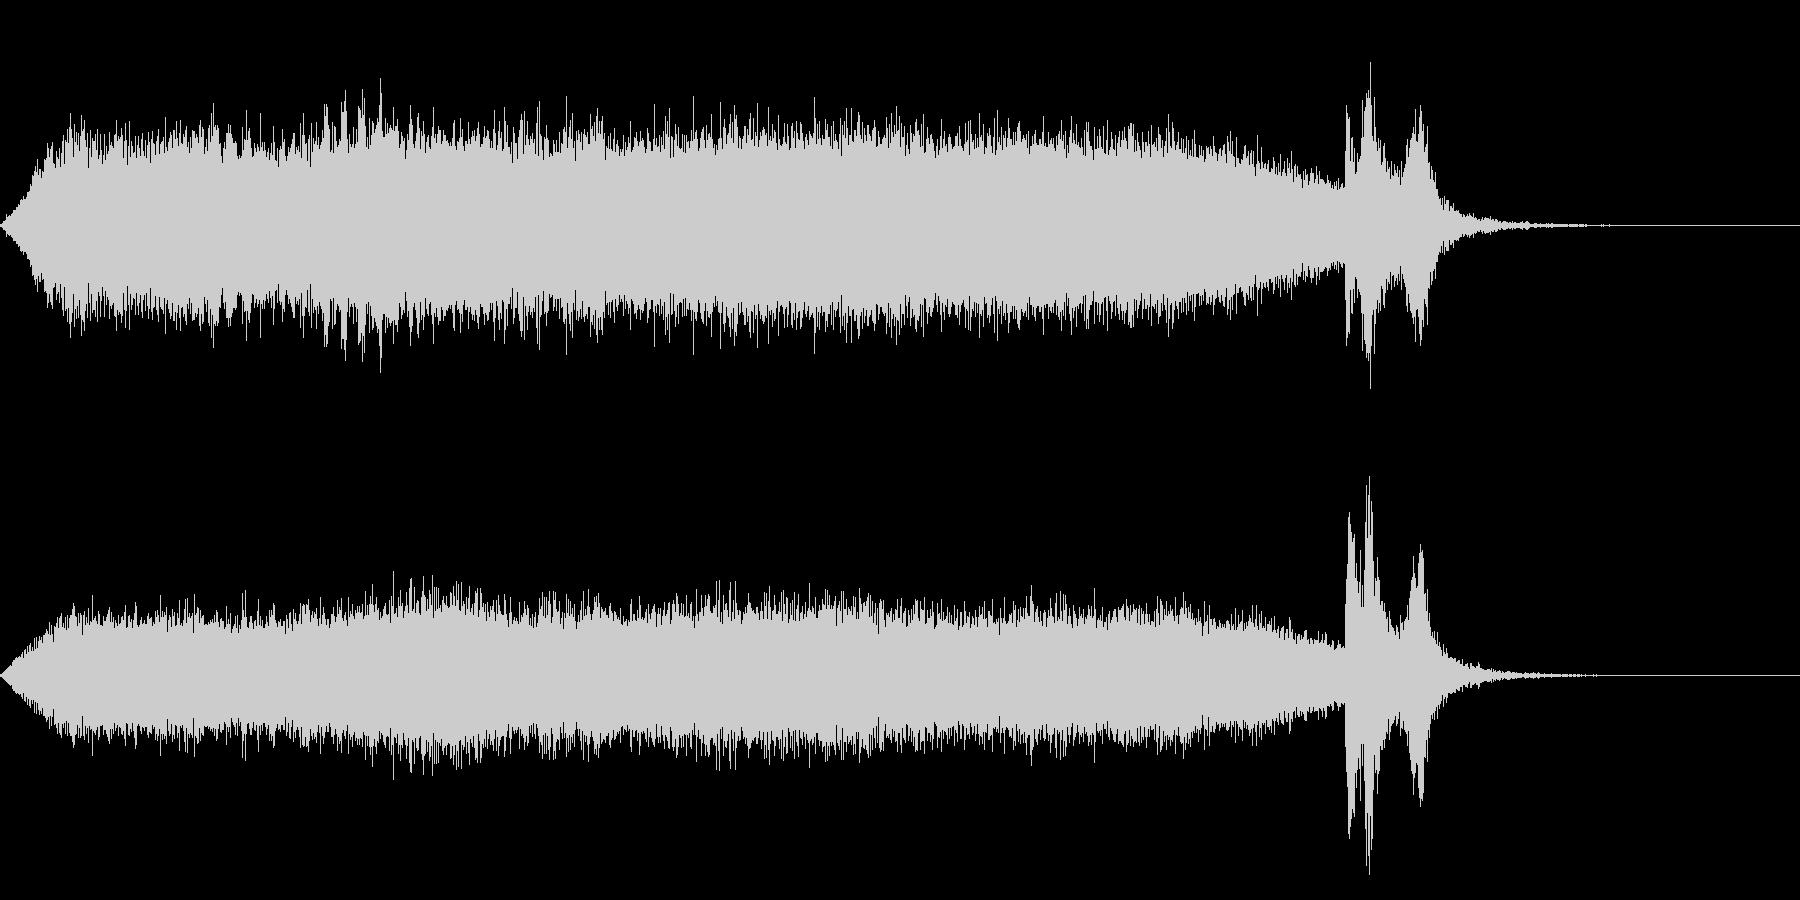 ワープ 宇宙的 未来的な効果音 02bの未再生の波形